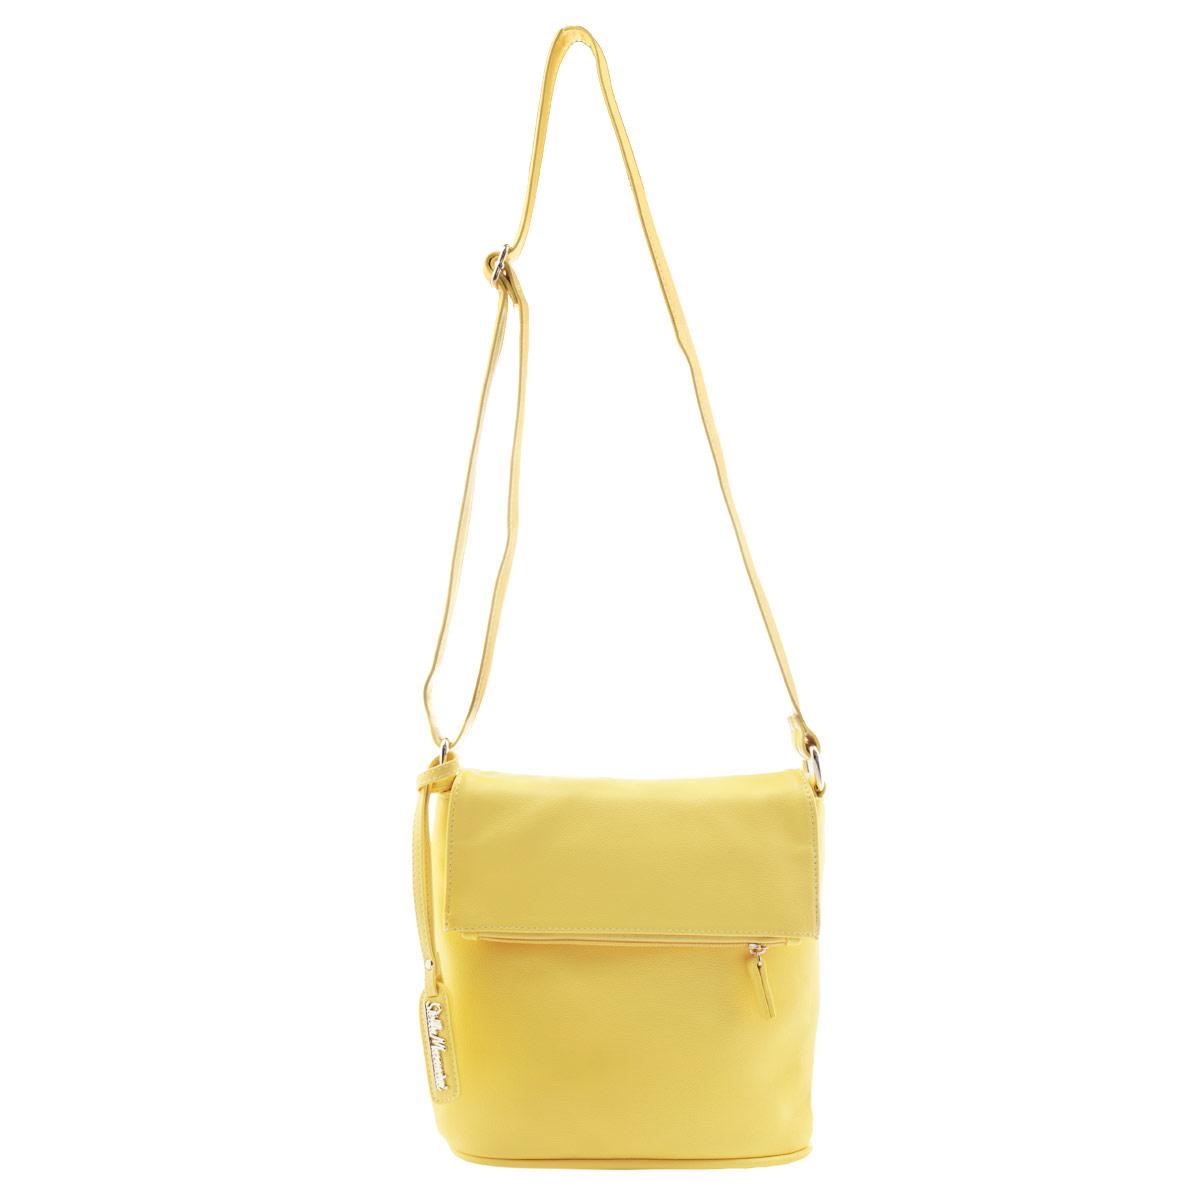 Сумка женская Stella Mazarini, цвет: желтый. 12-R38553B12-R38553BИзысканная женская сумка Stella Mazarini выполнена из искусственной качественной кожи. Сумка закрывается клапаном на магнитную кнопку и на пластиковую застежку-молнию. В клапане имеется вместительный карман, закрывающийся на застежку-молнию. Внутри одно большое отделение, небольшой втачной кармашек на застежке- молнии и два накладных кармашка для телефона, мелочей. На задней стенке - втачной карман на застежке- молнии. Роскошная сумка внесет элегантные нотки в ваш образ и подчеркнет ваше отменное чувство стиля.